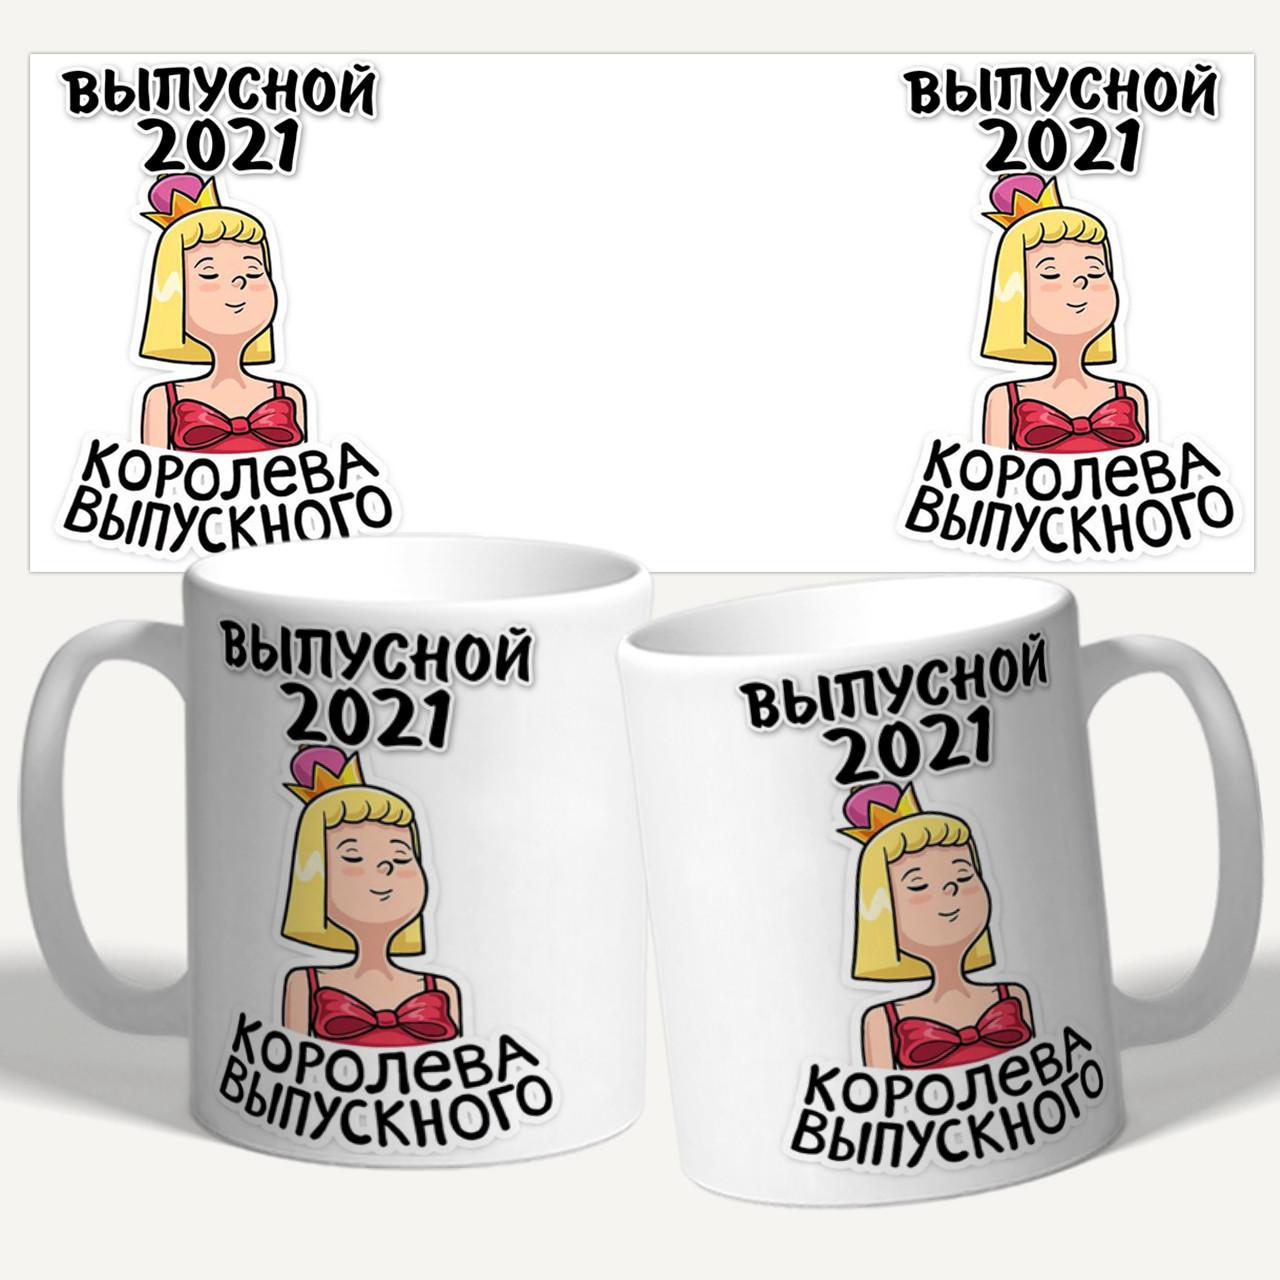 """Белая кружка (чашка) с принтом """"Выпускной 2021. Королева выпускного"""""""